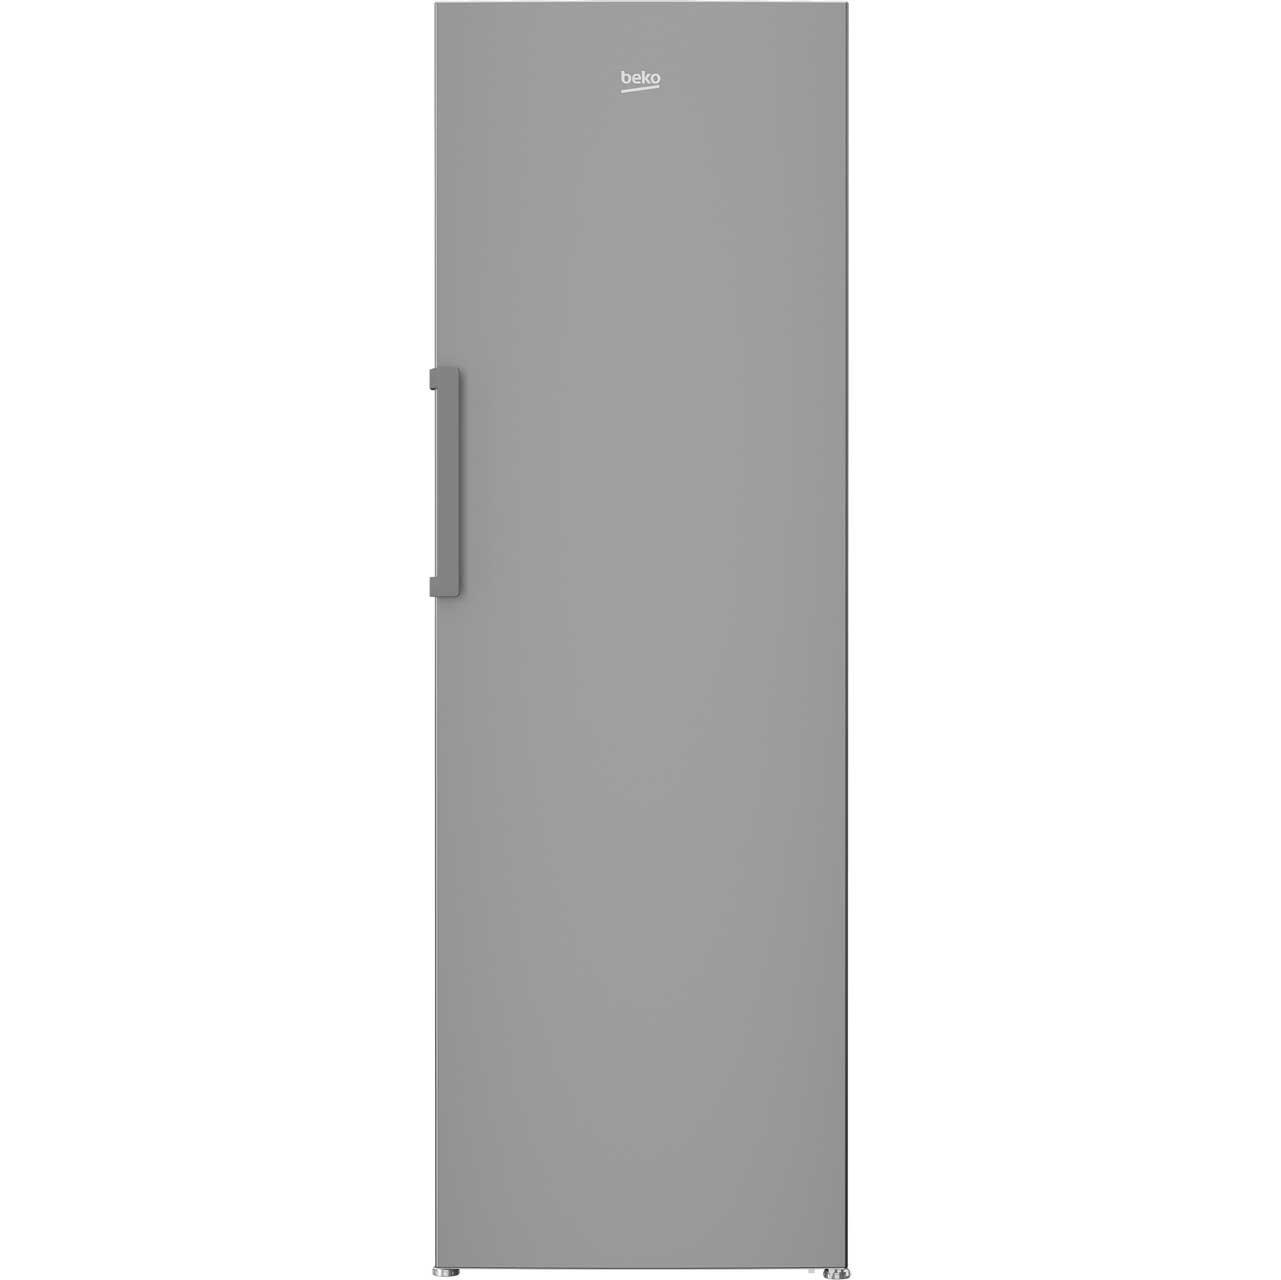 Beko LRP1685X Freestanding Larder Fridge -Stainless Steel